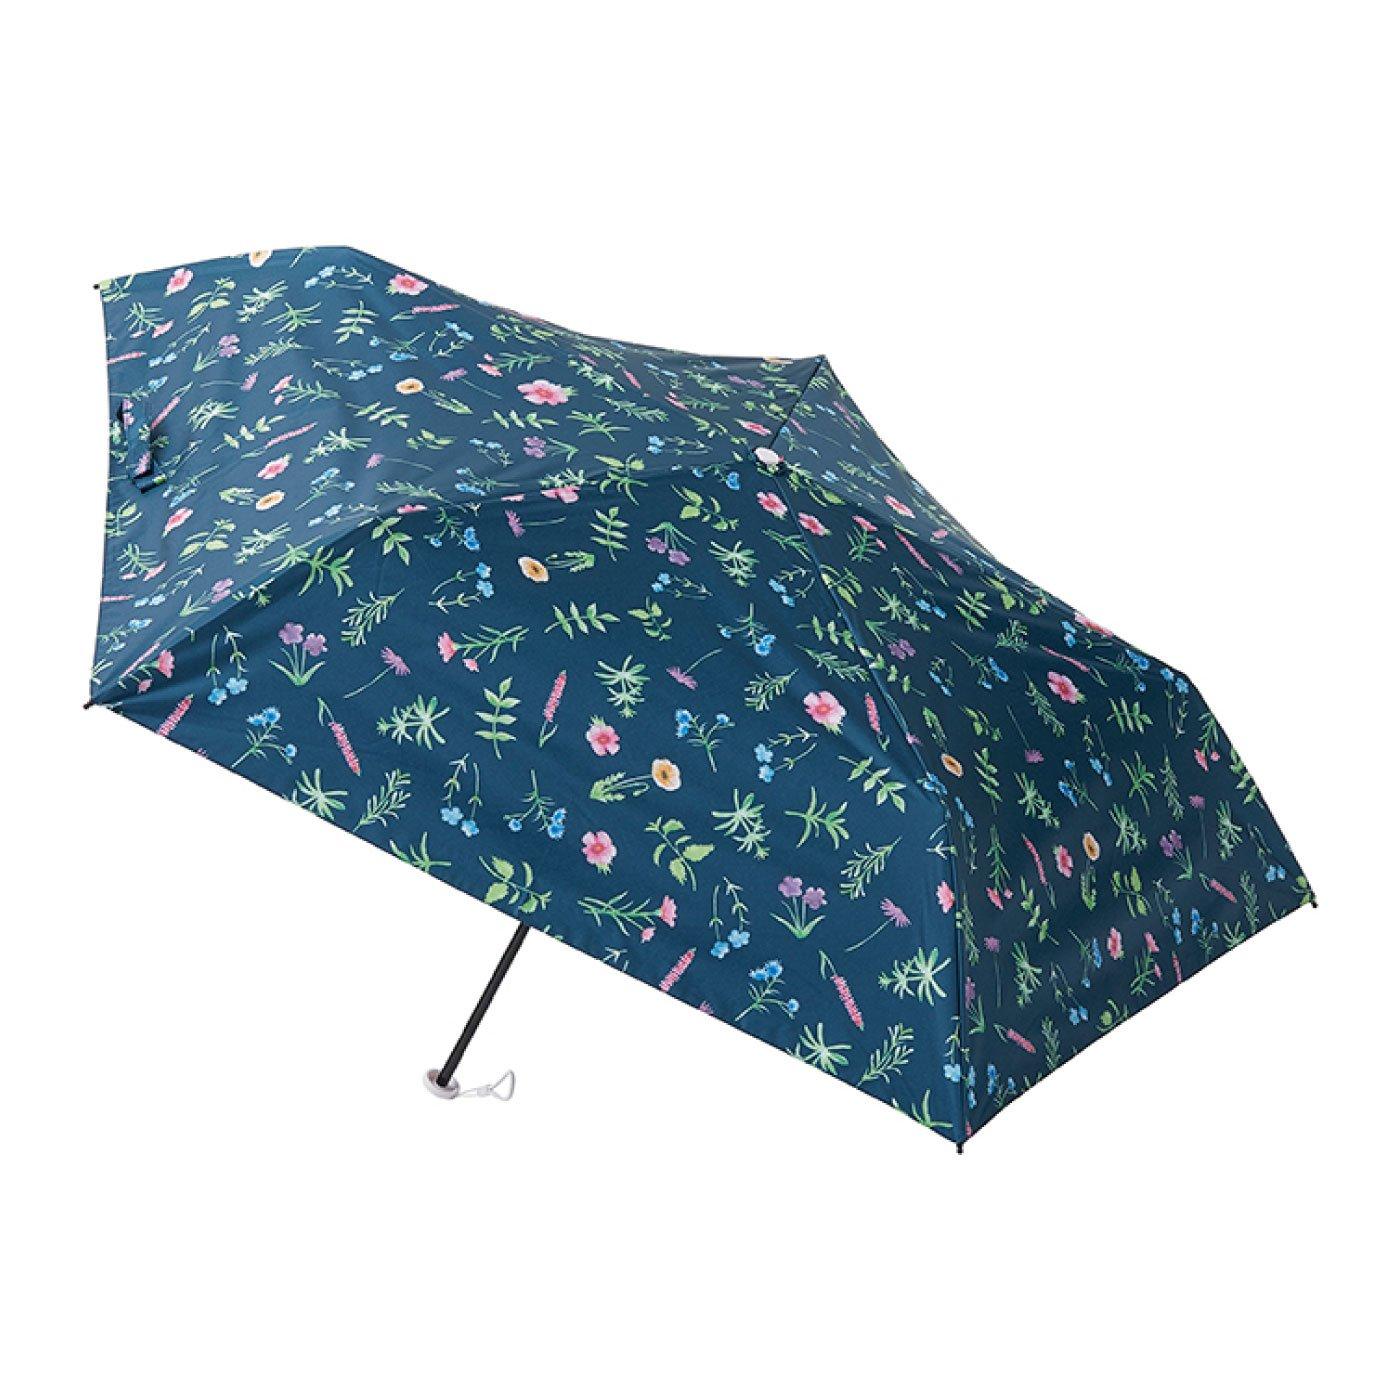 晴雨兼用 estaa / エスタ 一級遮光 超軽量傘 『kusabana』